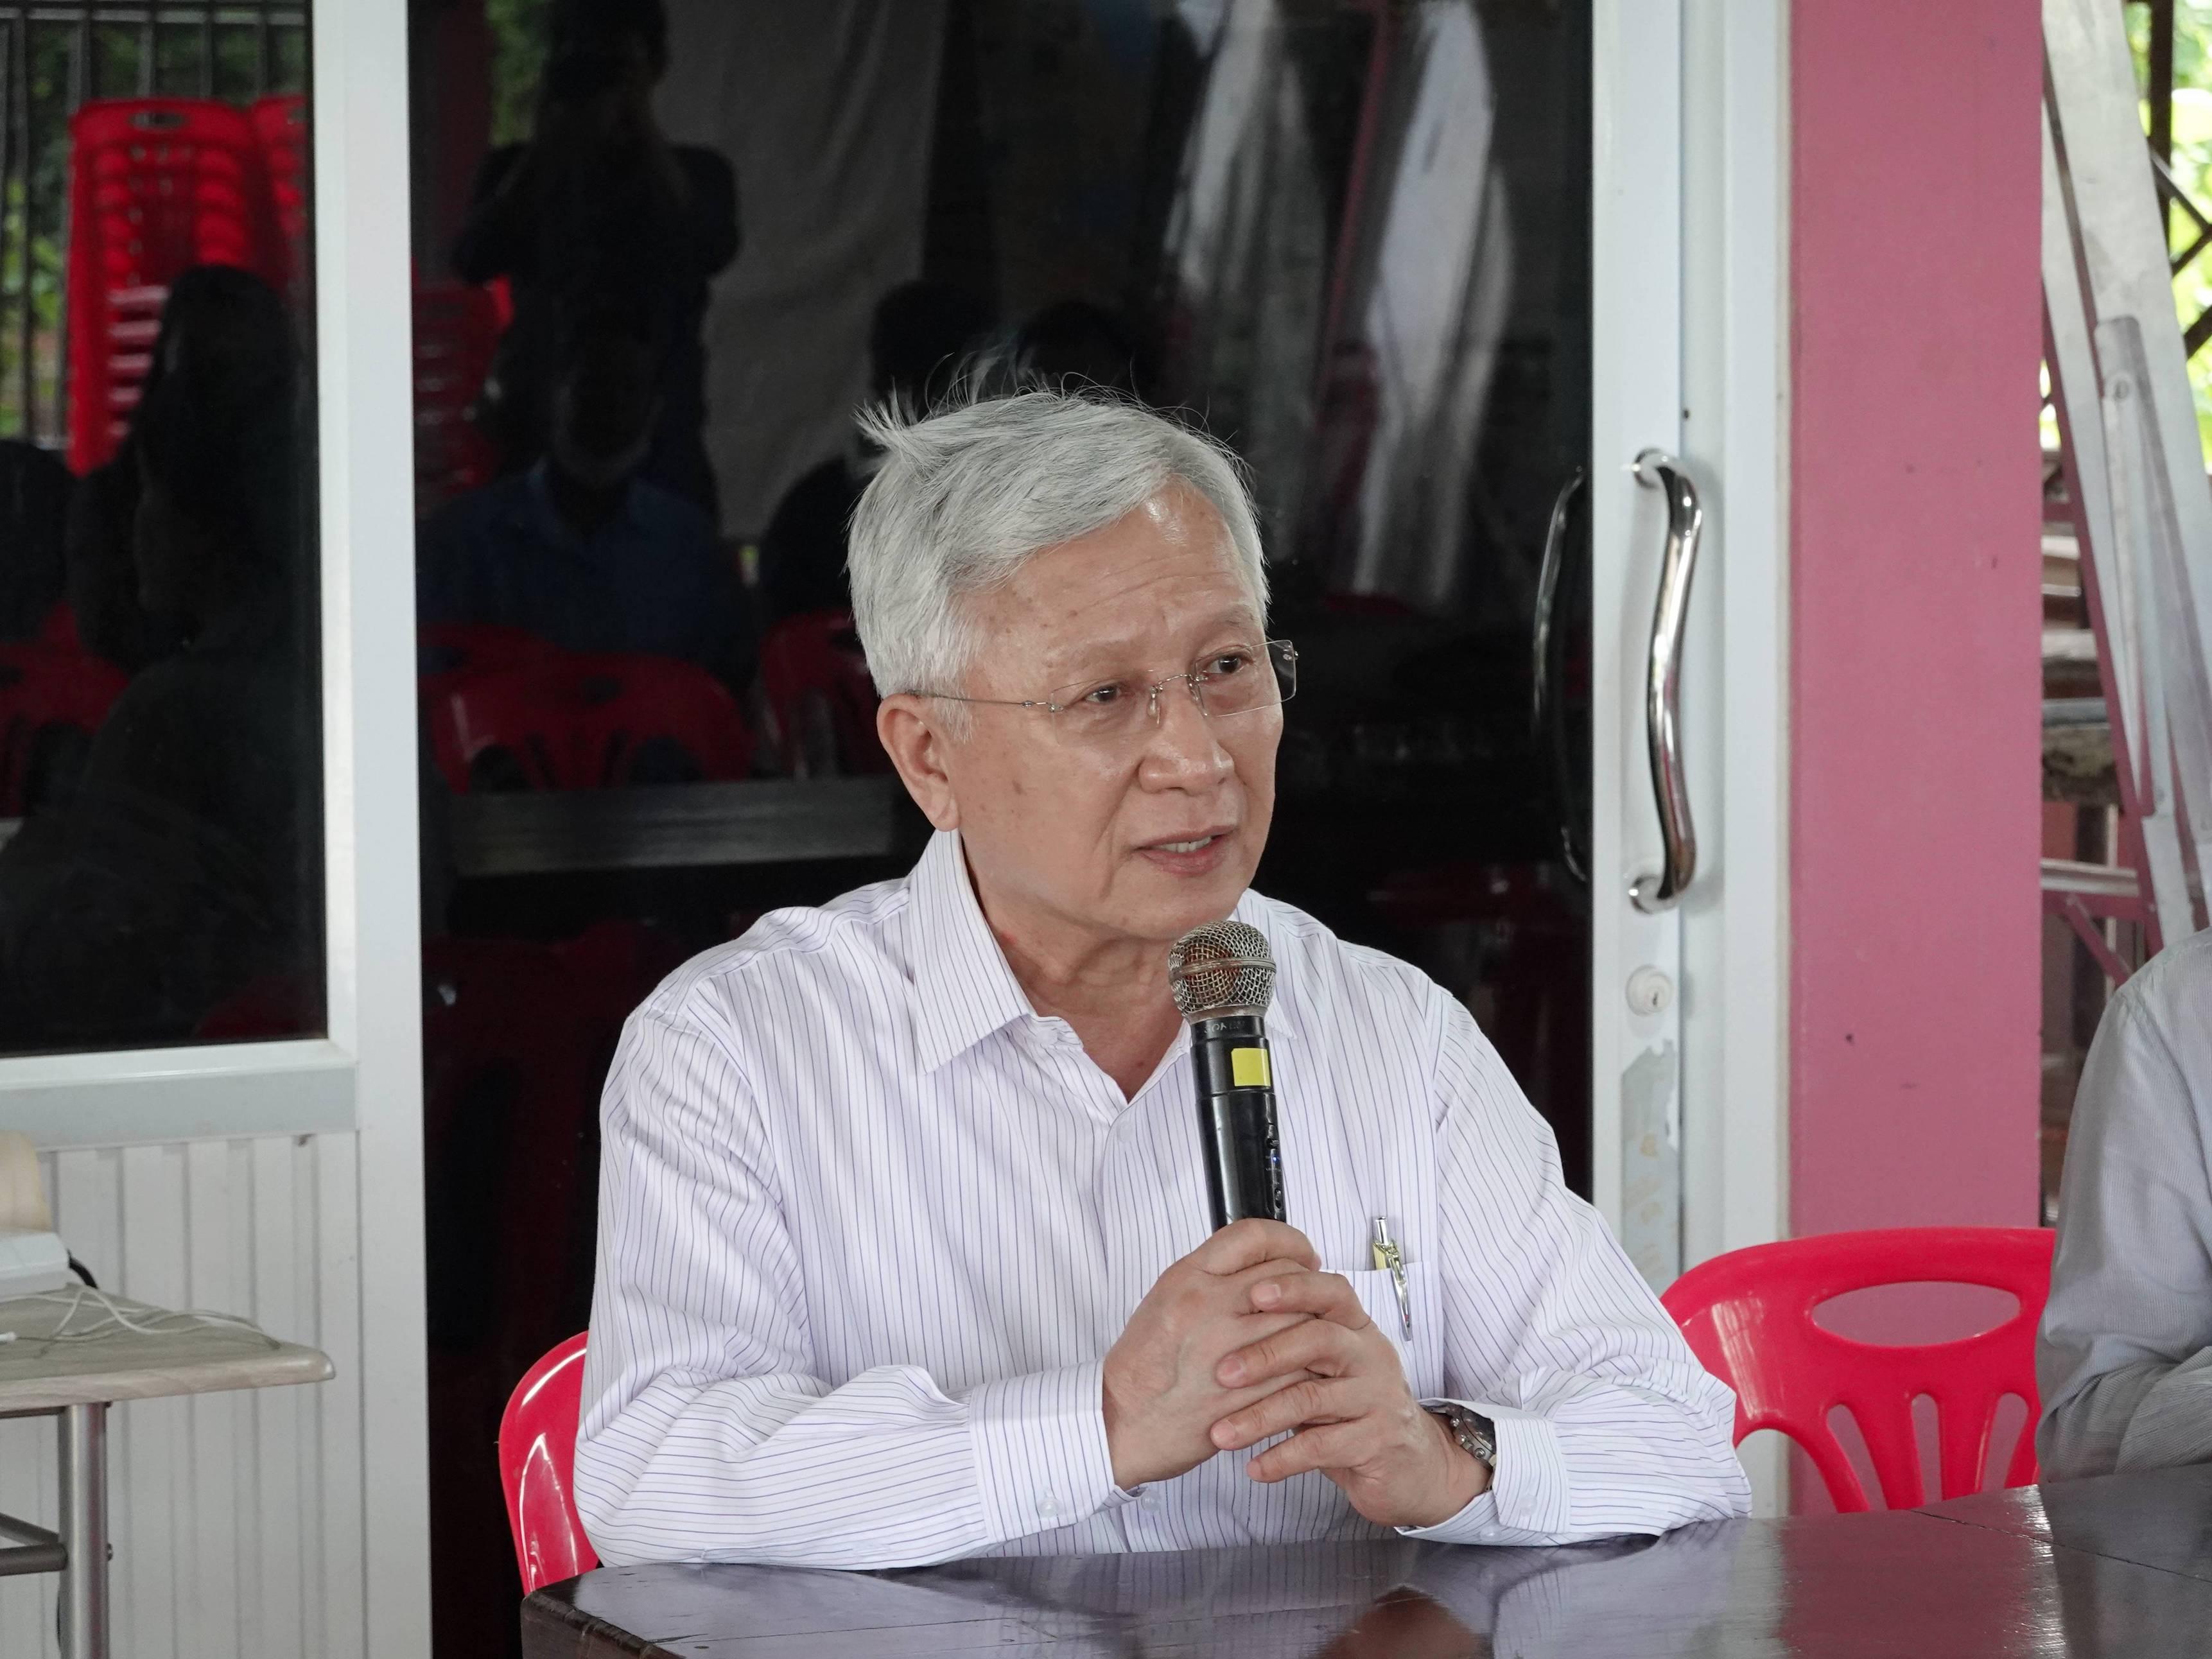 กมธ.วิทย์ฯ จับมือฟากวิชาการ หนุนจันทบุรี ฟื้นตัวหลังโควิด เร่งเพิ่มรายได้เกษตรกร พัฒนาเศรษฐกิจฐานราก